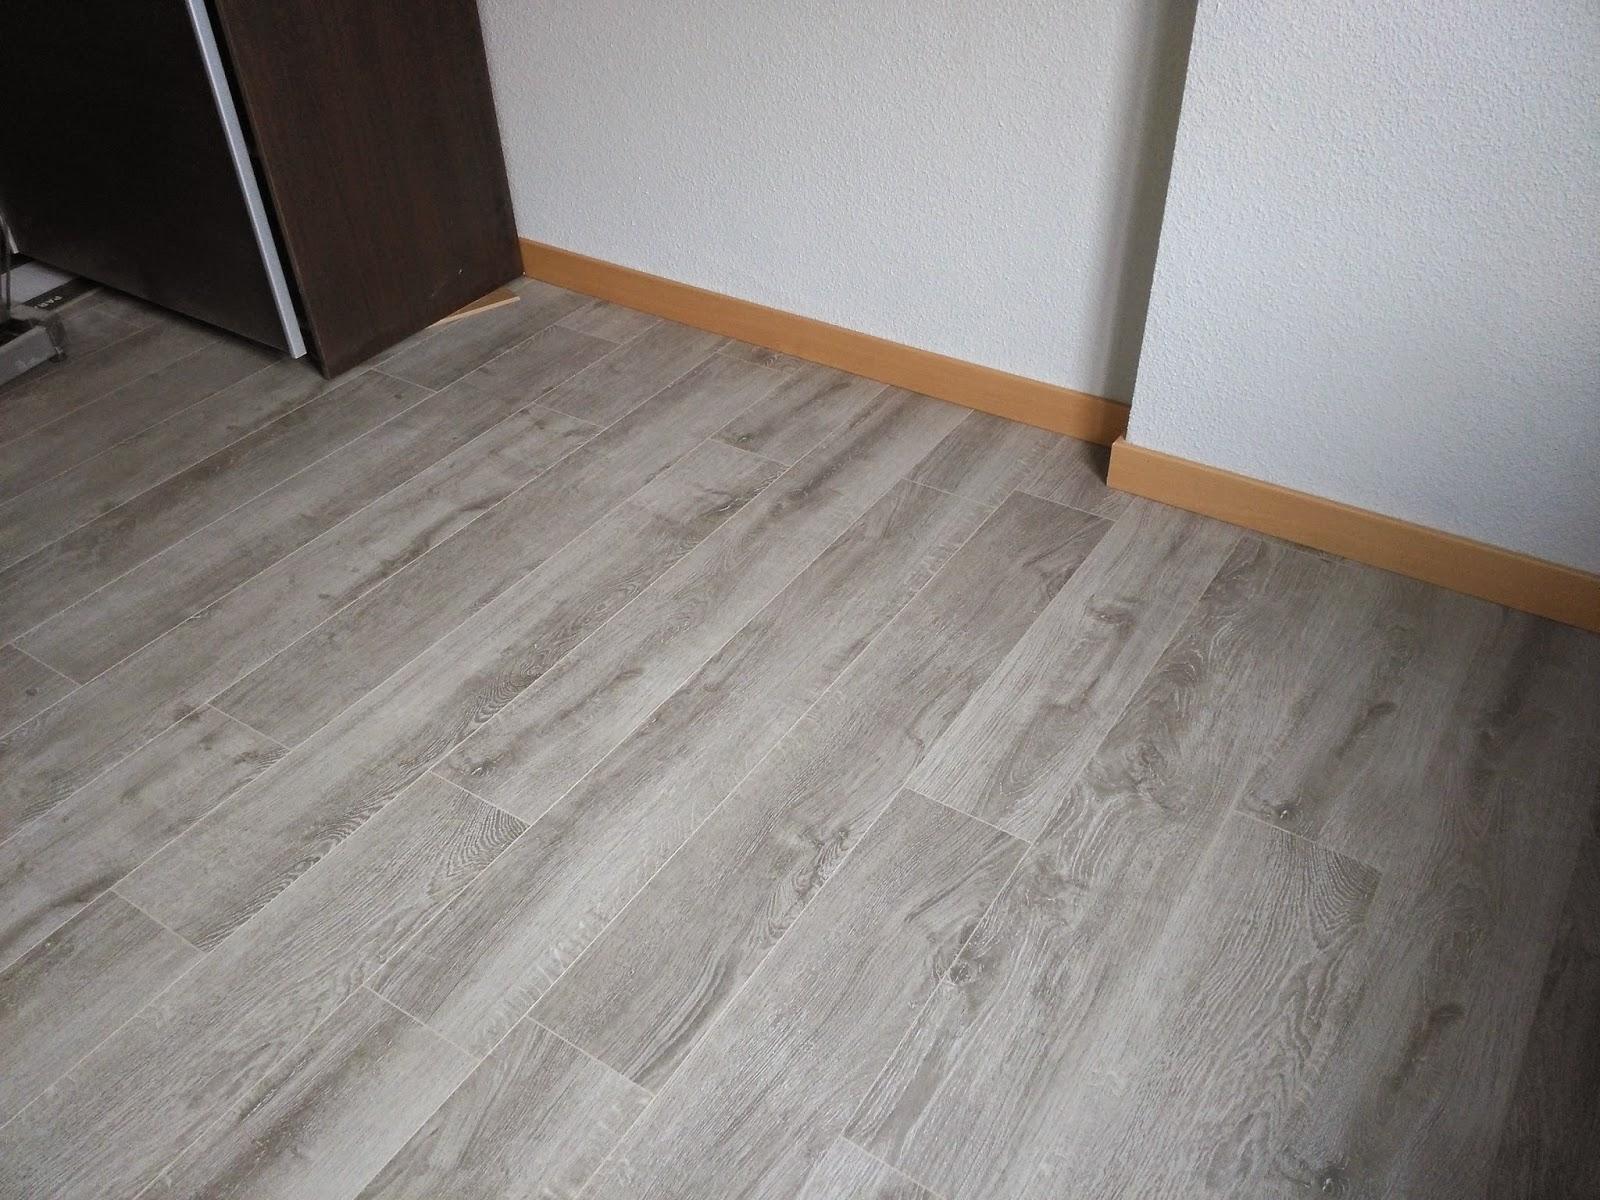 Parquet gris claro prevnext roble bosque gris claro for Suelo gris claro